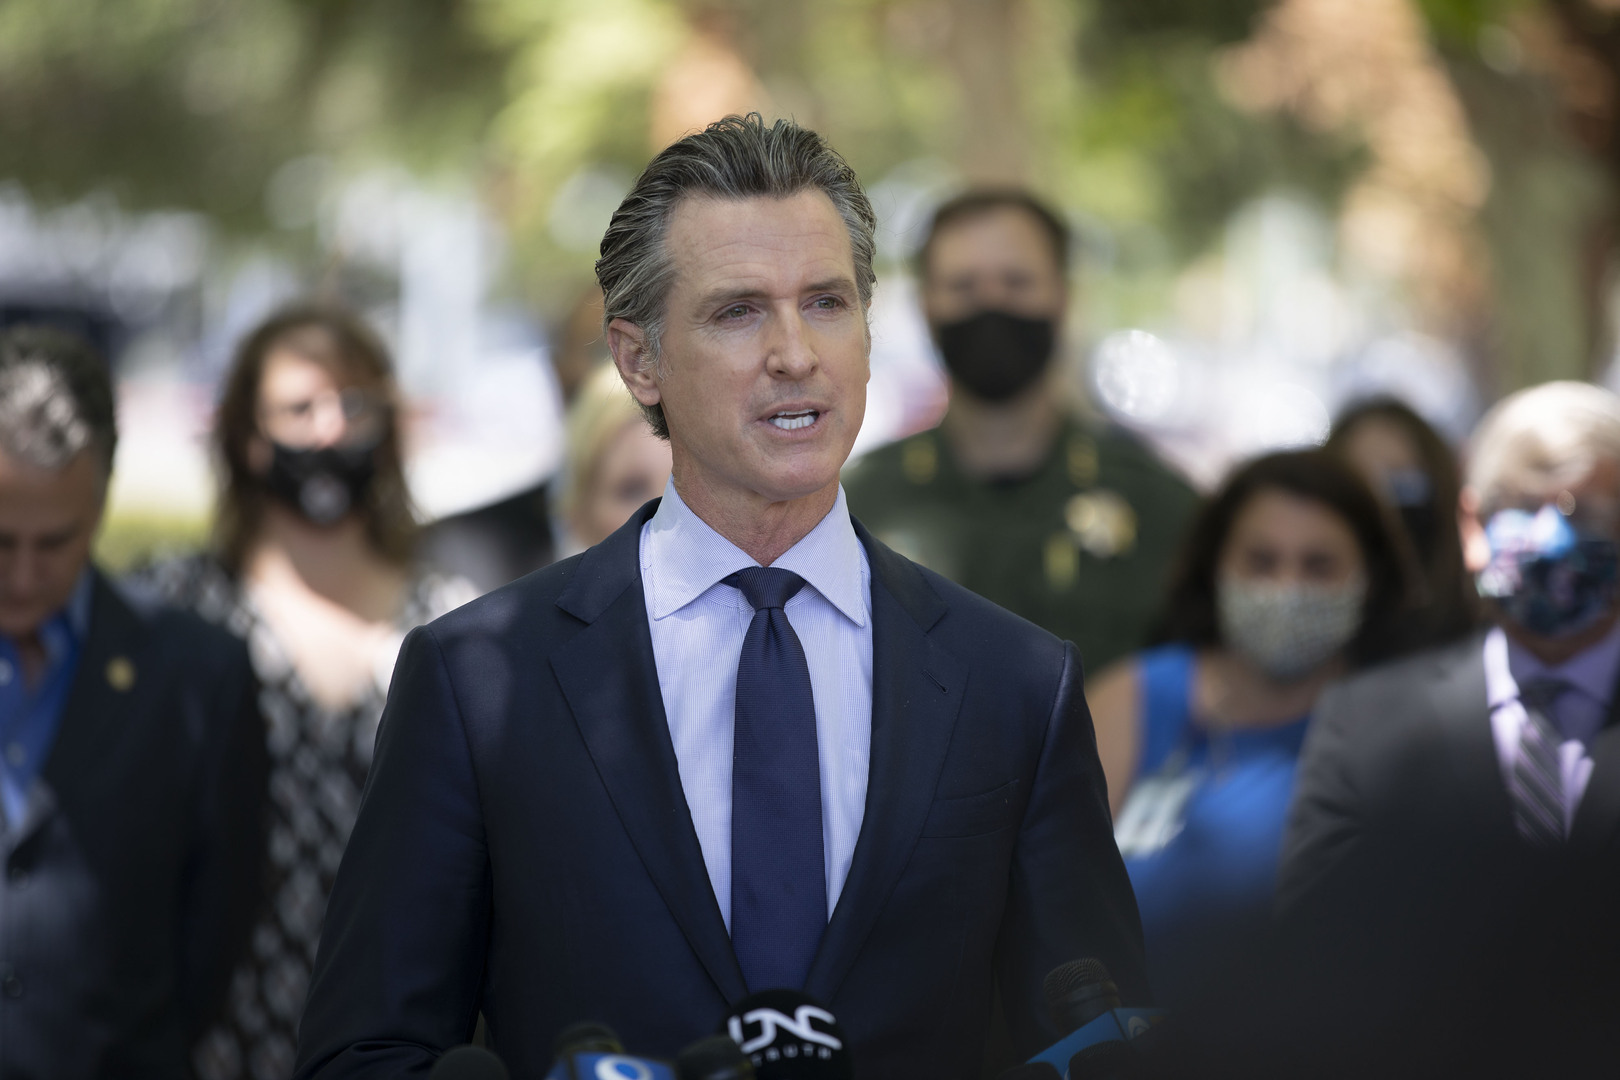 وسائل إعلام: ناخبو كاليفورنيا صوتوا ضد عزل حاكم الولاية